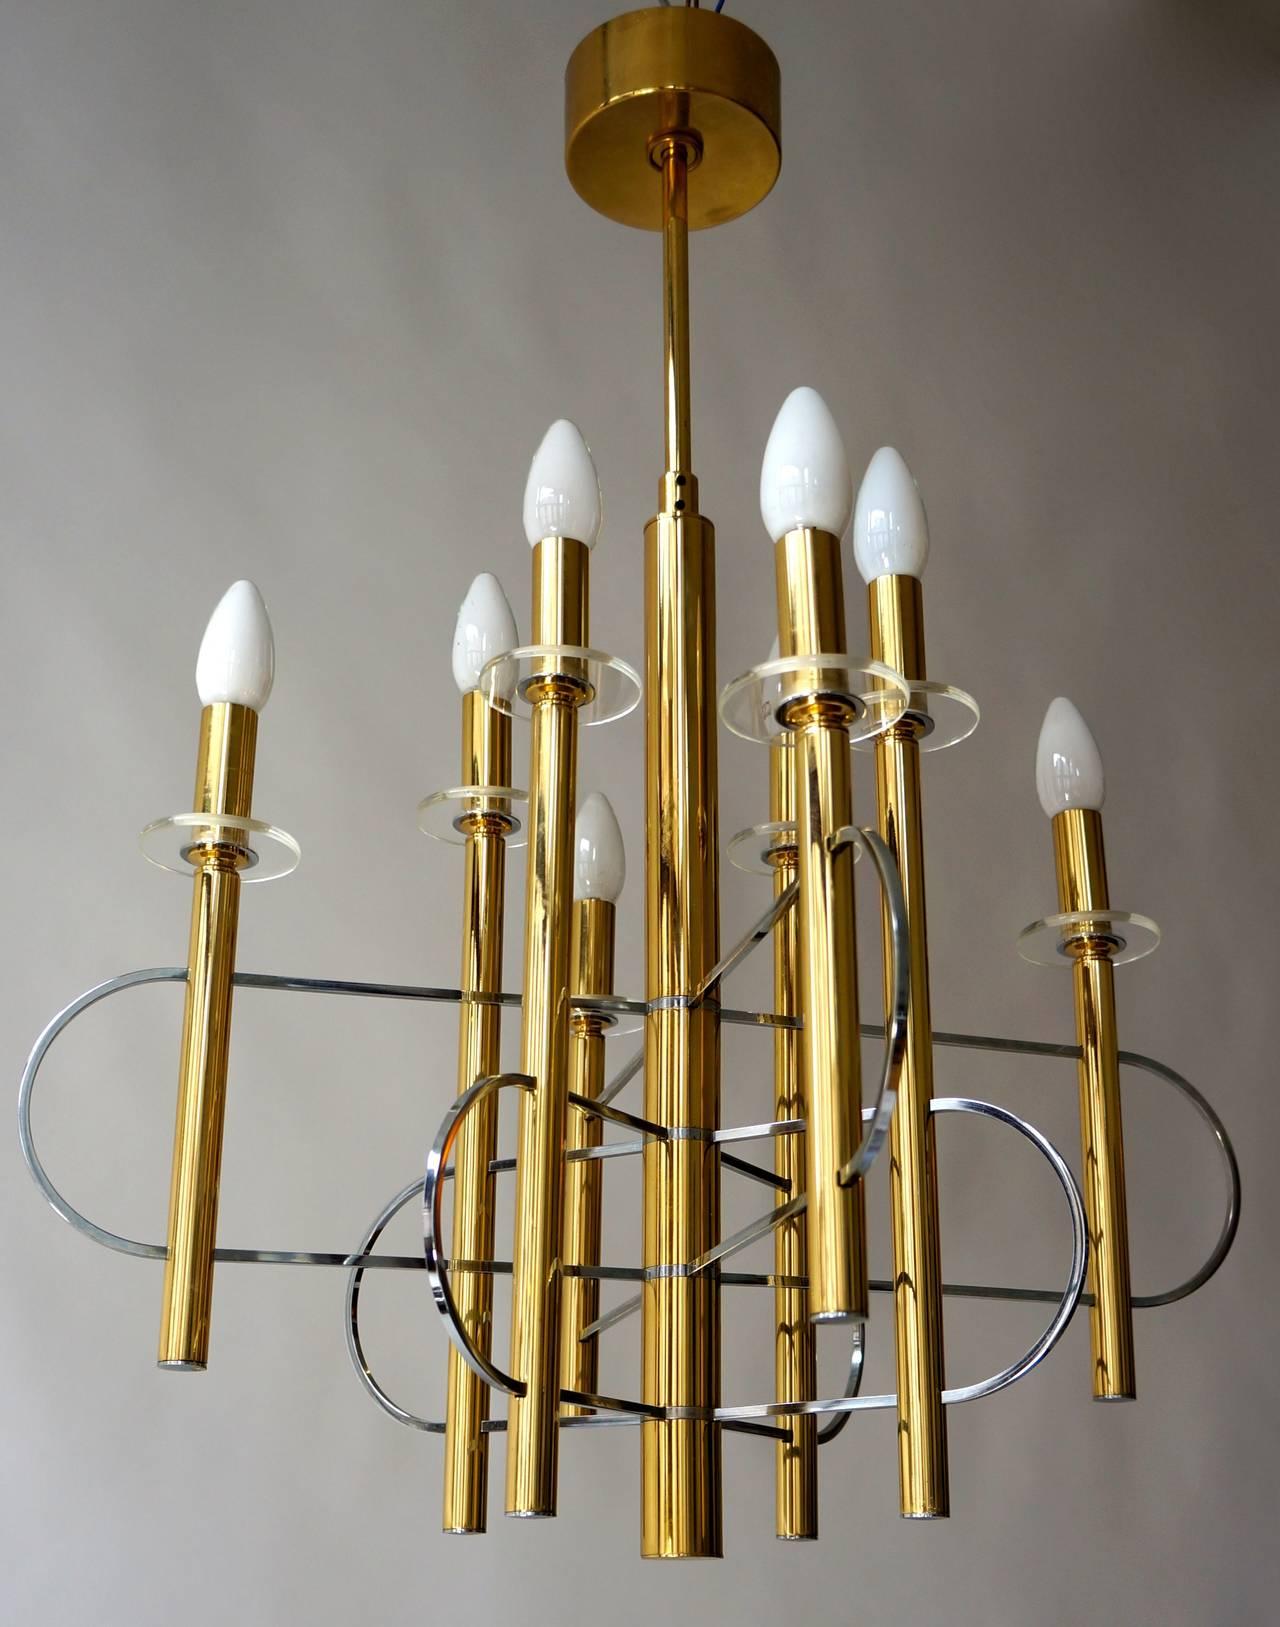 Sciolari chandelier.